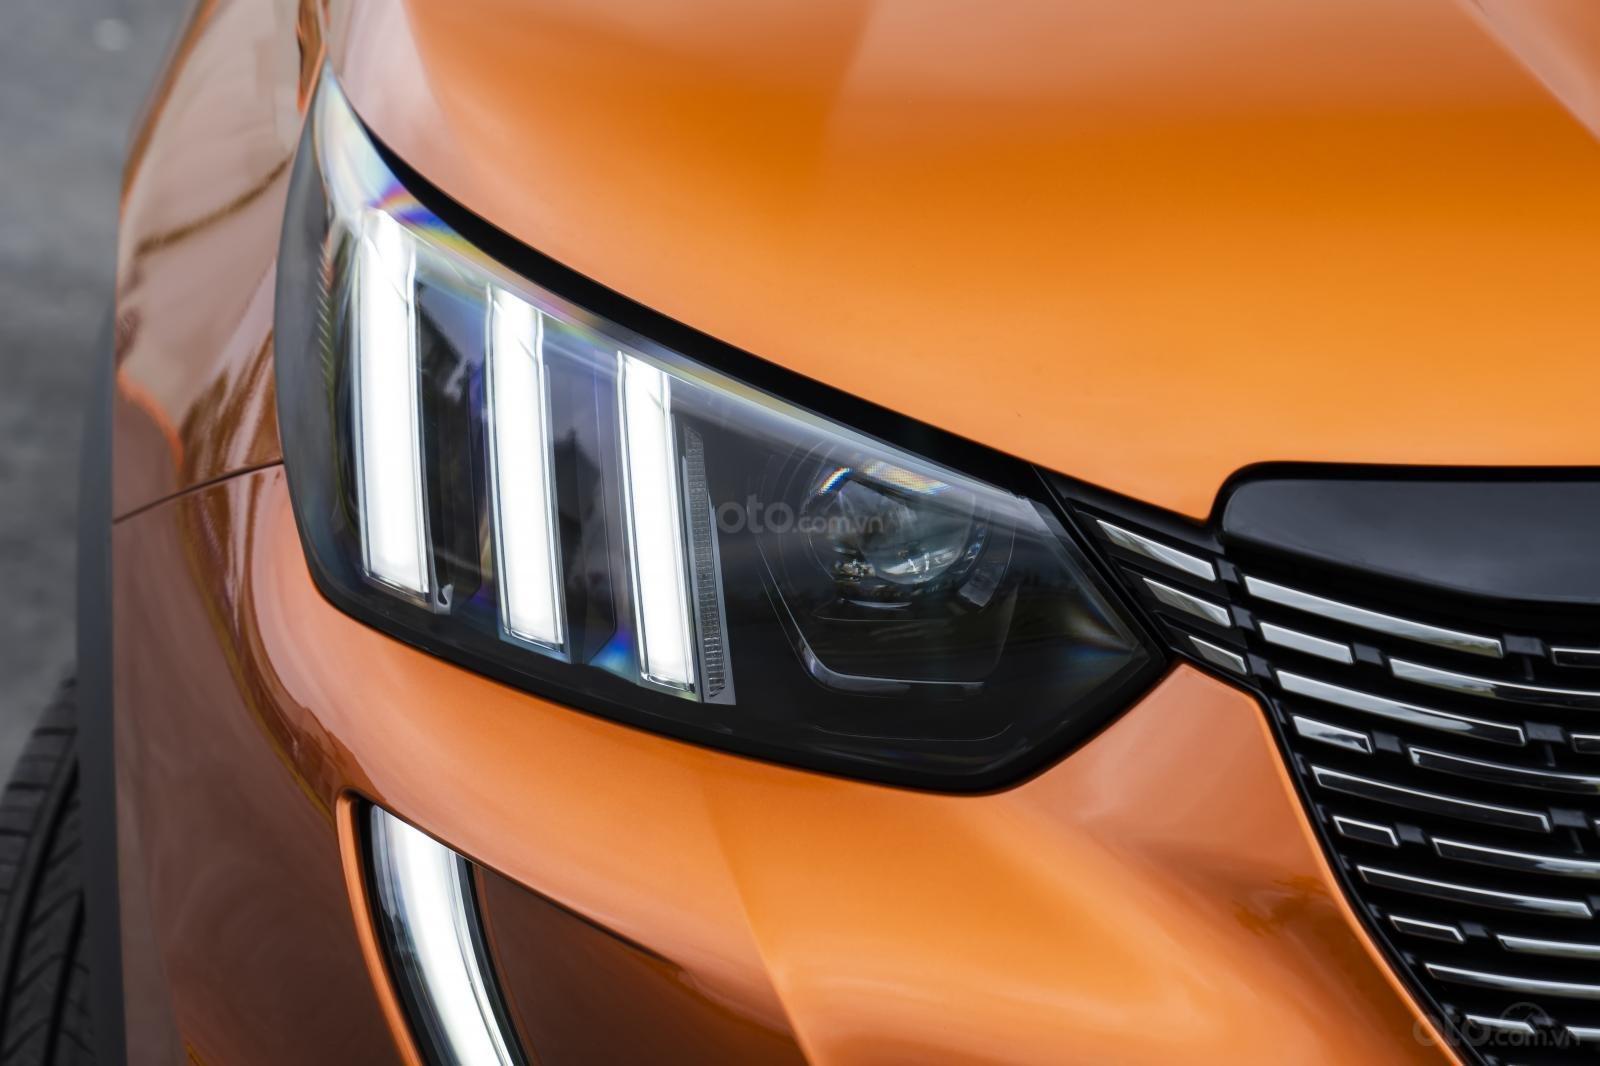 Siêu phẩm SUV - Peugeot 2008, liên hệ ngay để nhận nhiều ưu đãi hấp dẫn! (5)